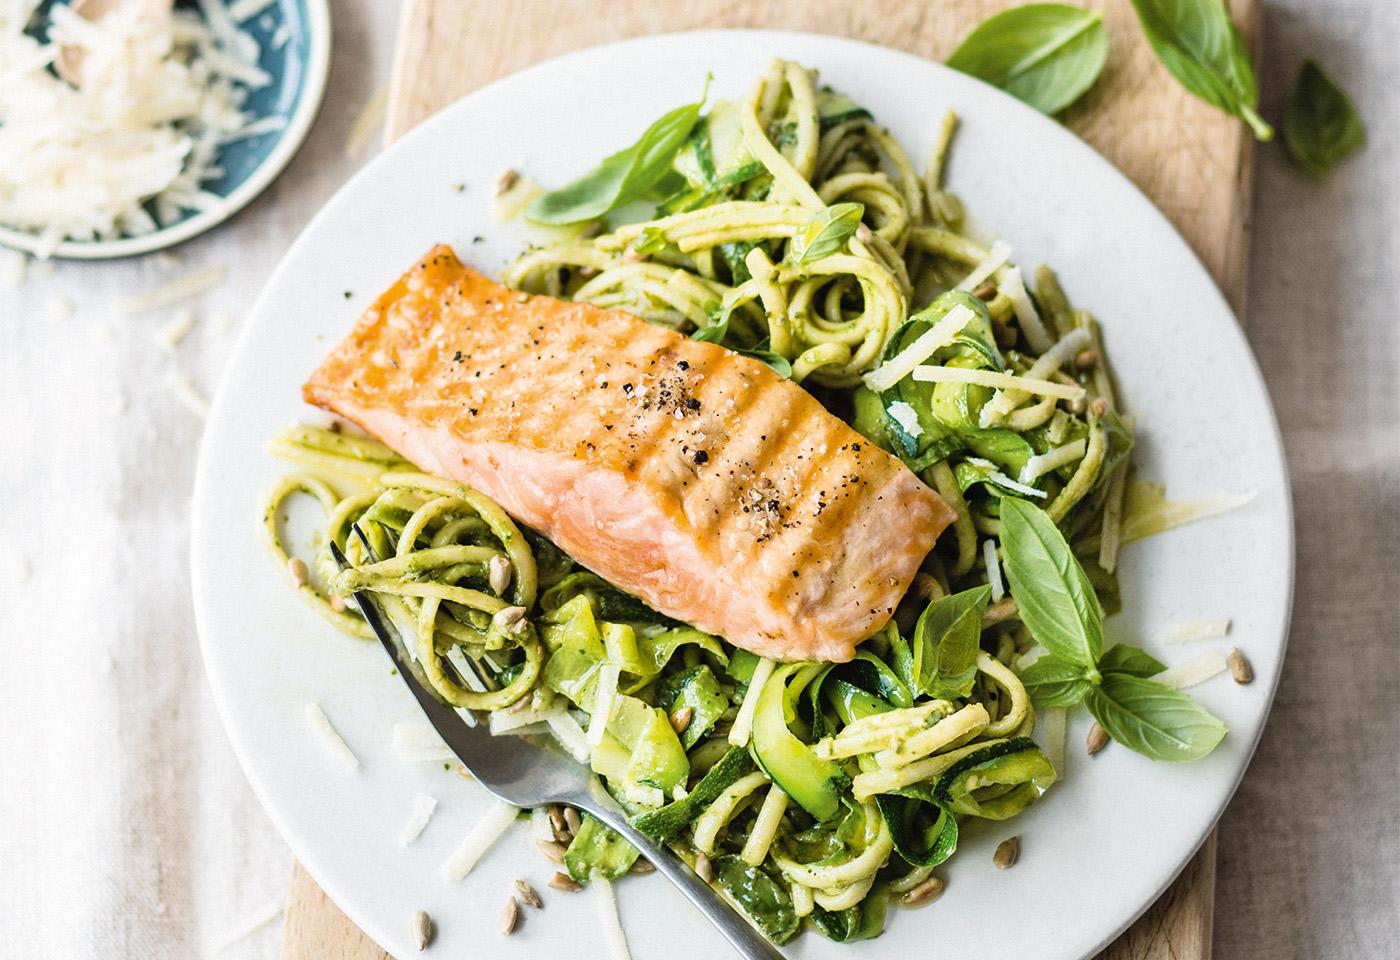 Wildlachs Filet Mit Linguine Zucchini Und Pesto Frisch Gekocht